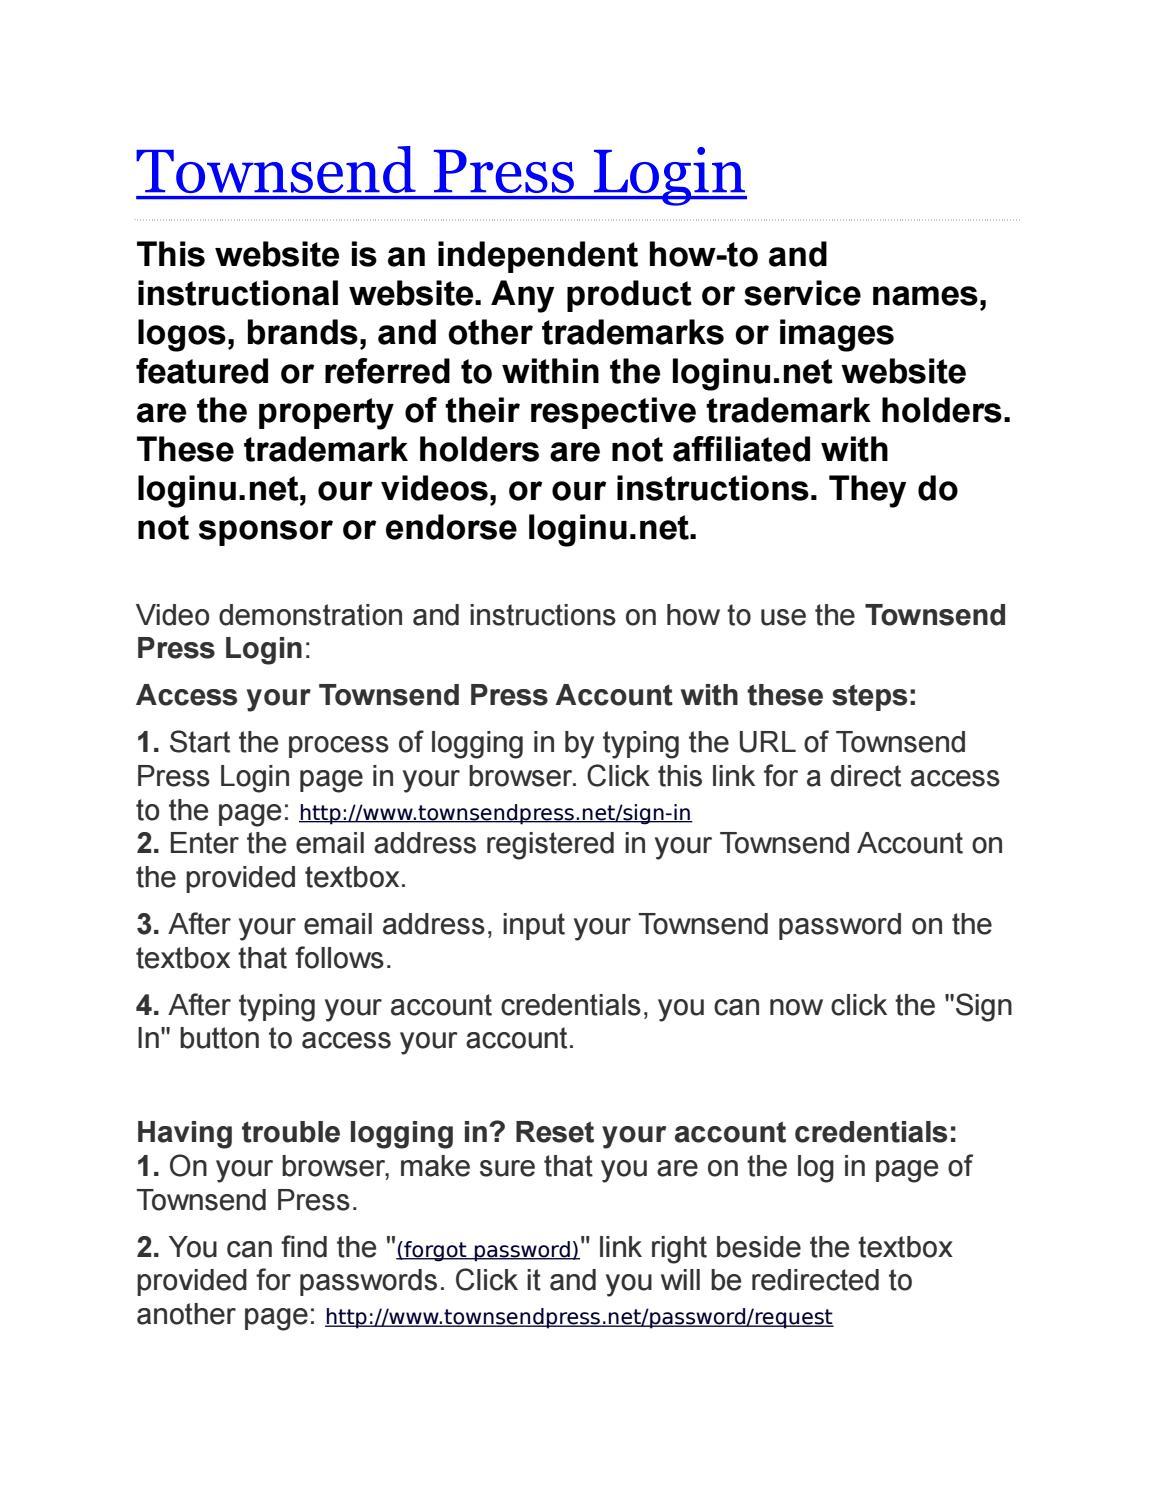 townsendpress.net login